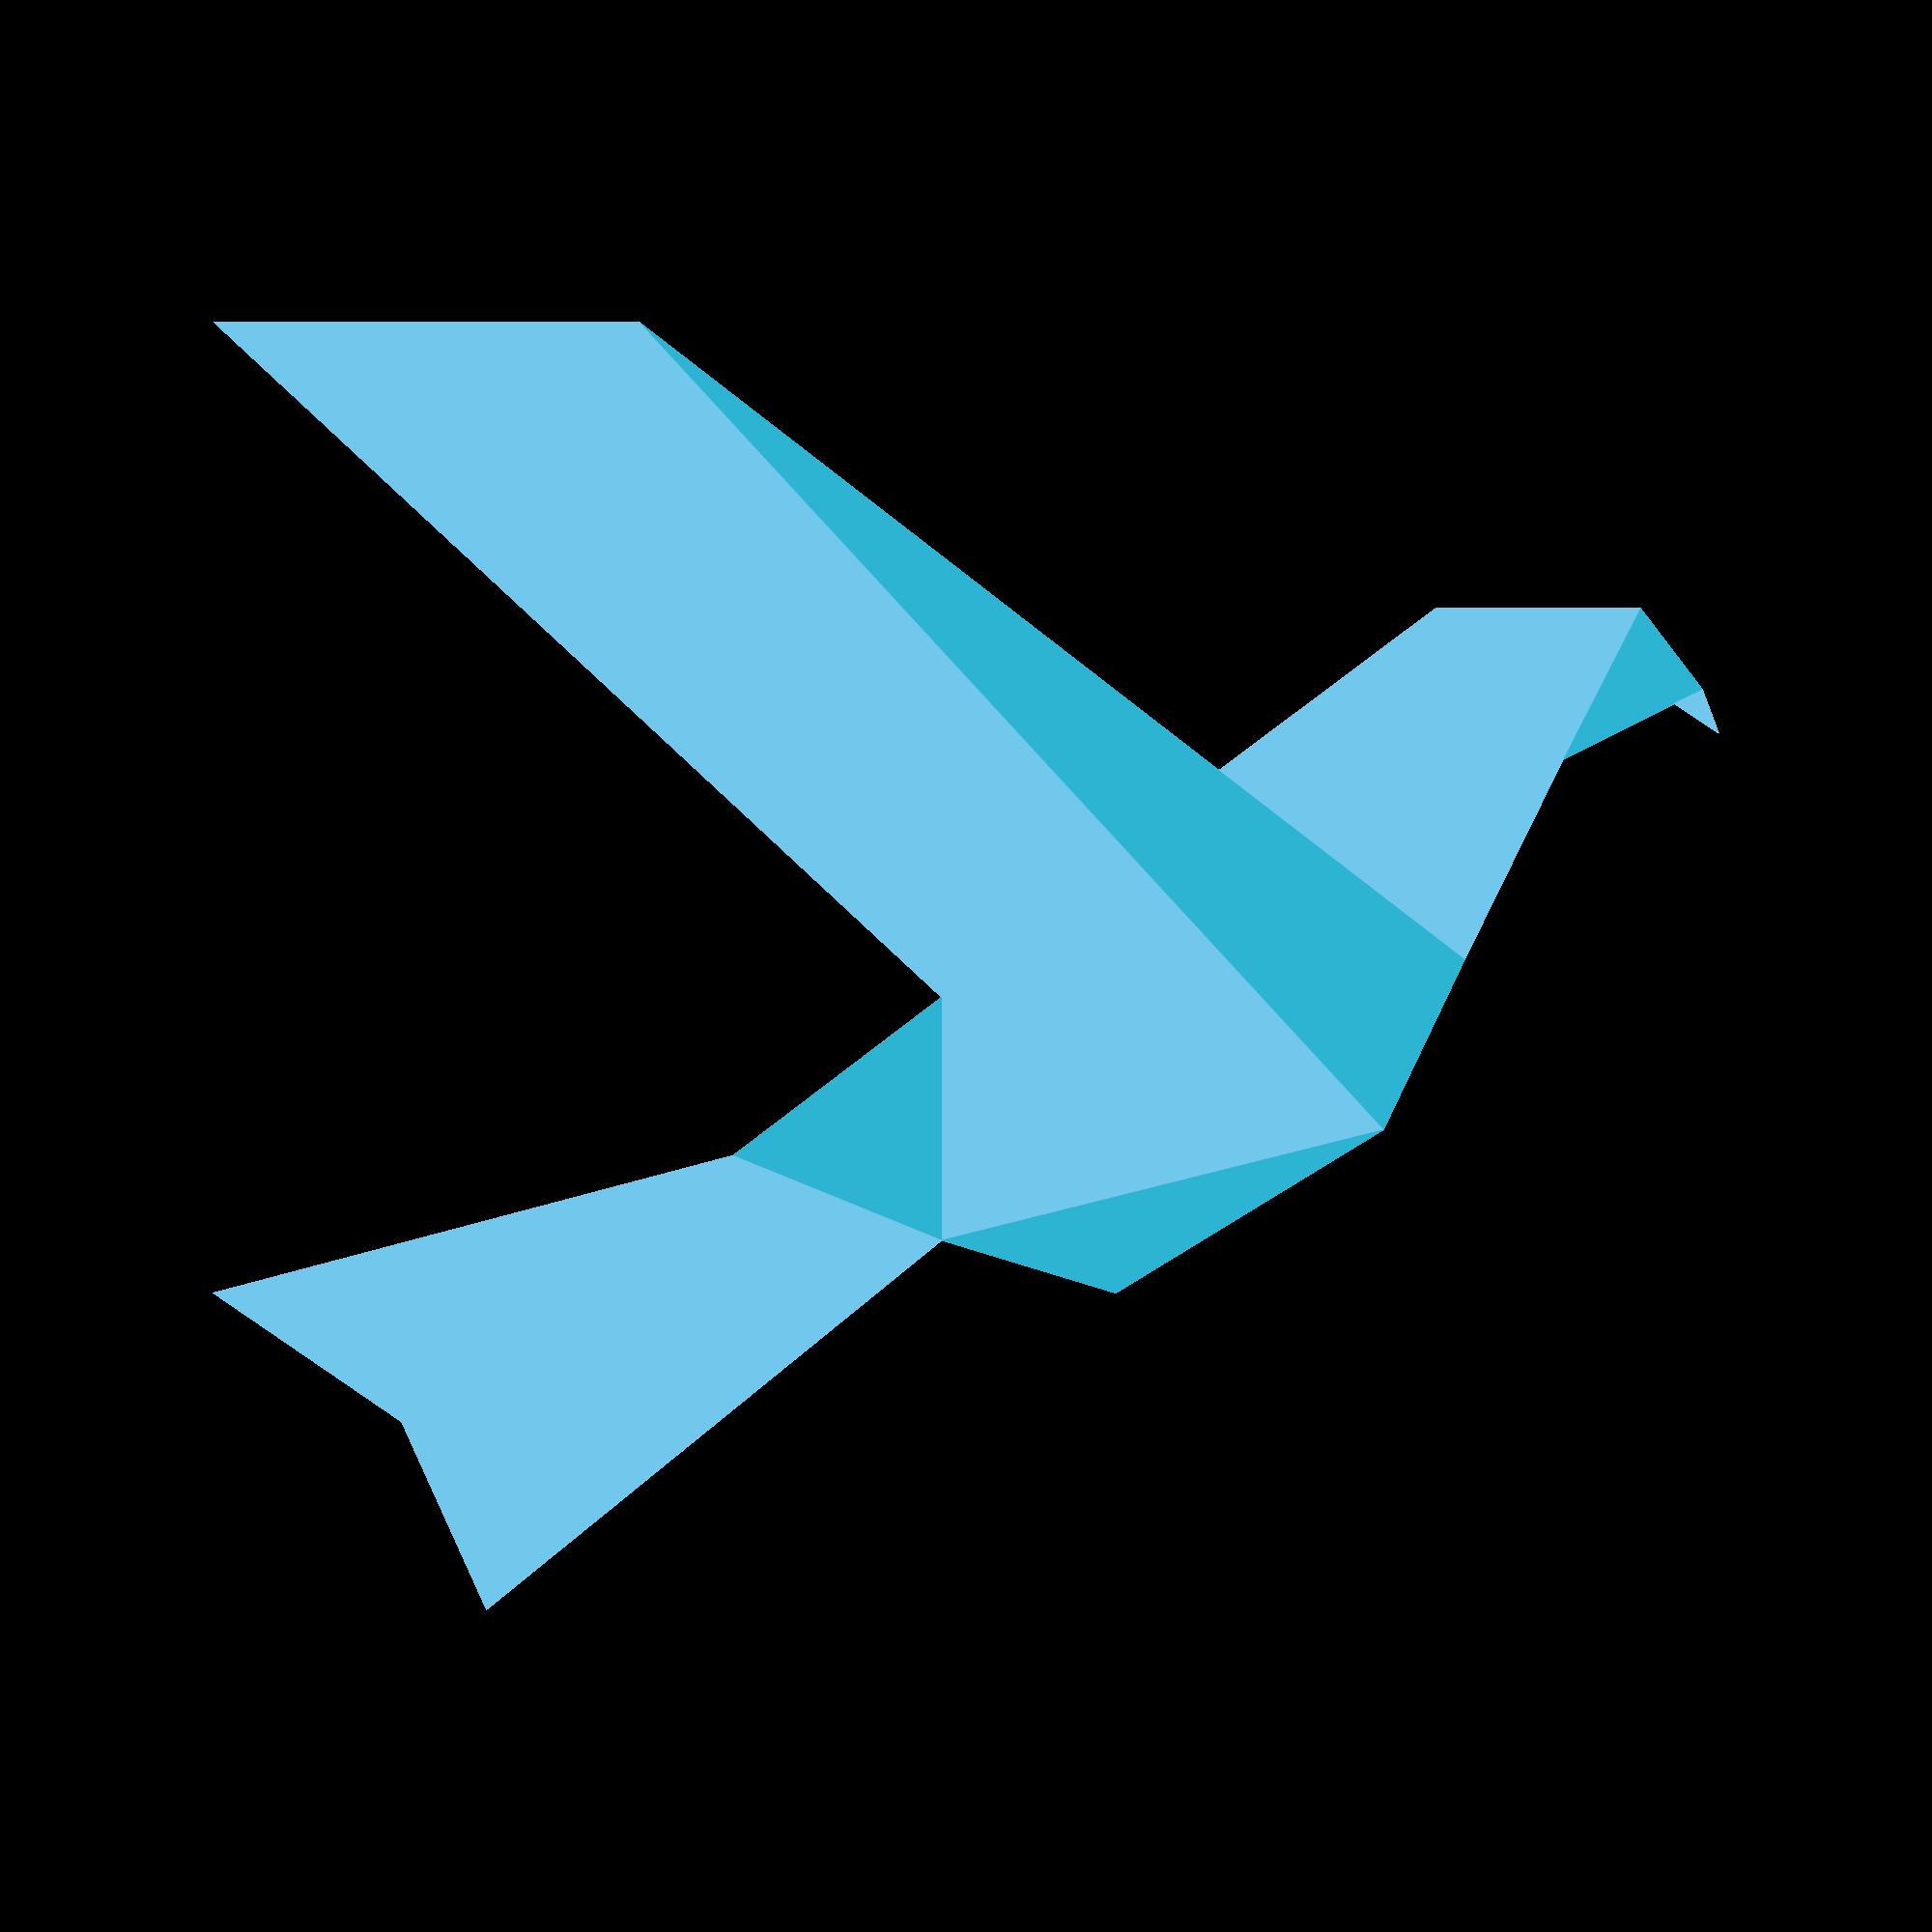 KiteBird